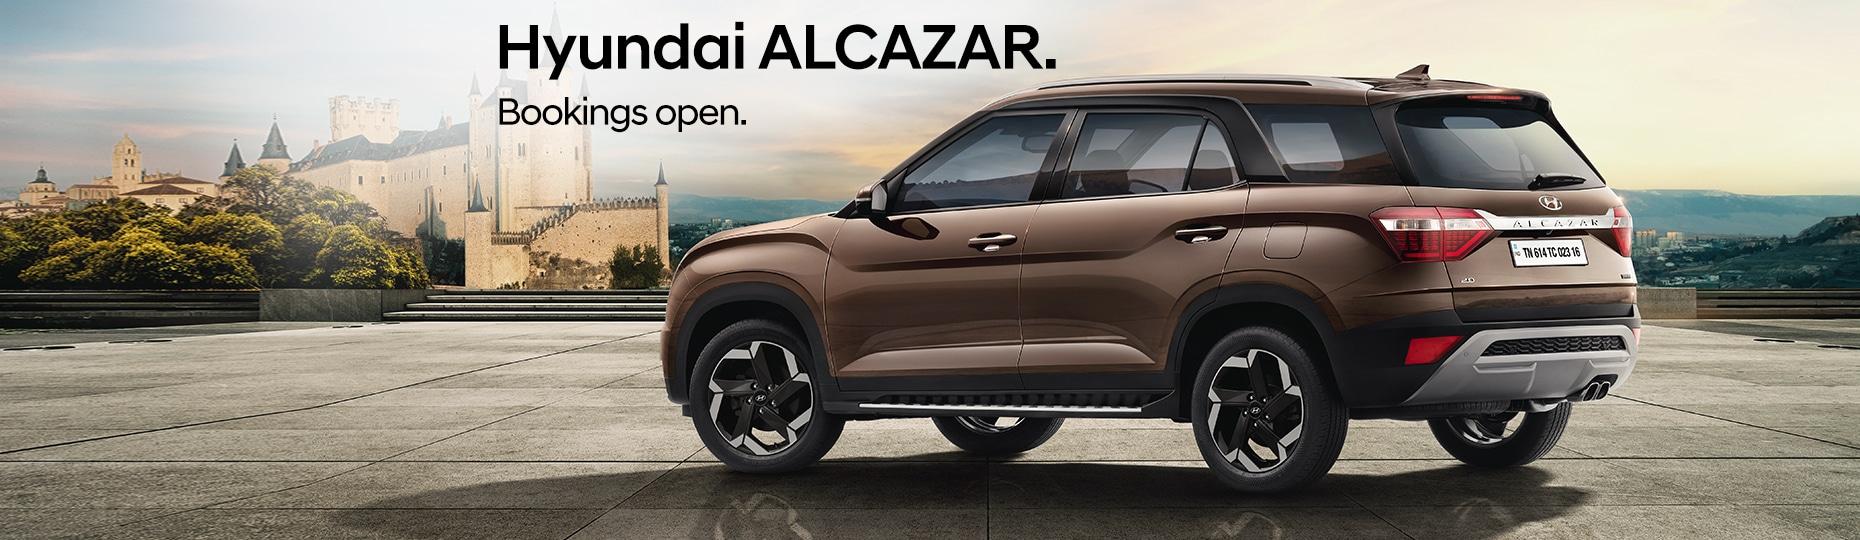 Hyundai-Alcazar-innerkv-PC-1860x540-2